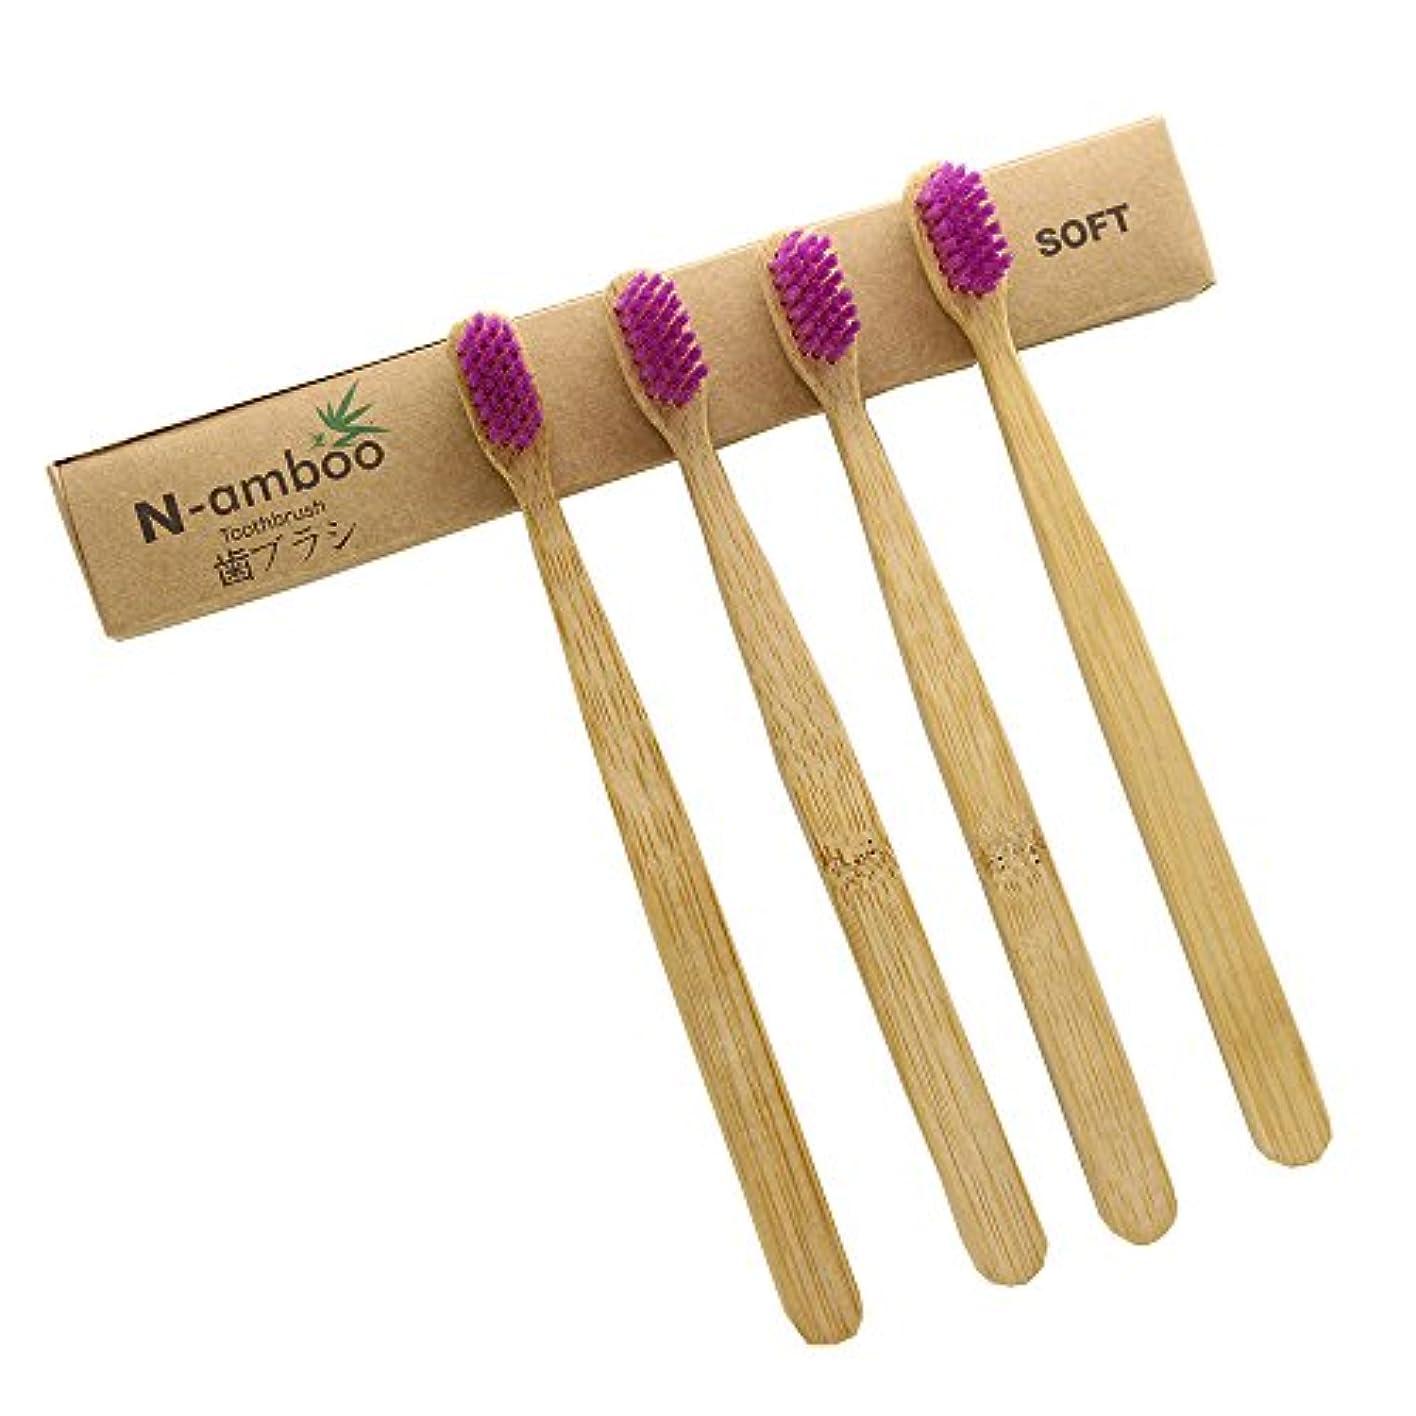 禁じる嬉しいです全くN-amboo 竹製 歯ブラシ 高耐久性 むらさきいろ エコ 色あざやか (4本)